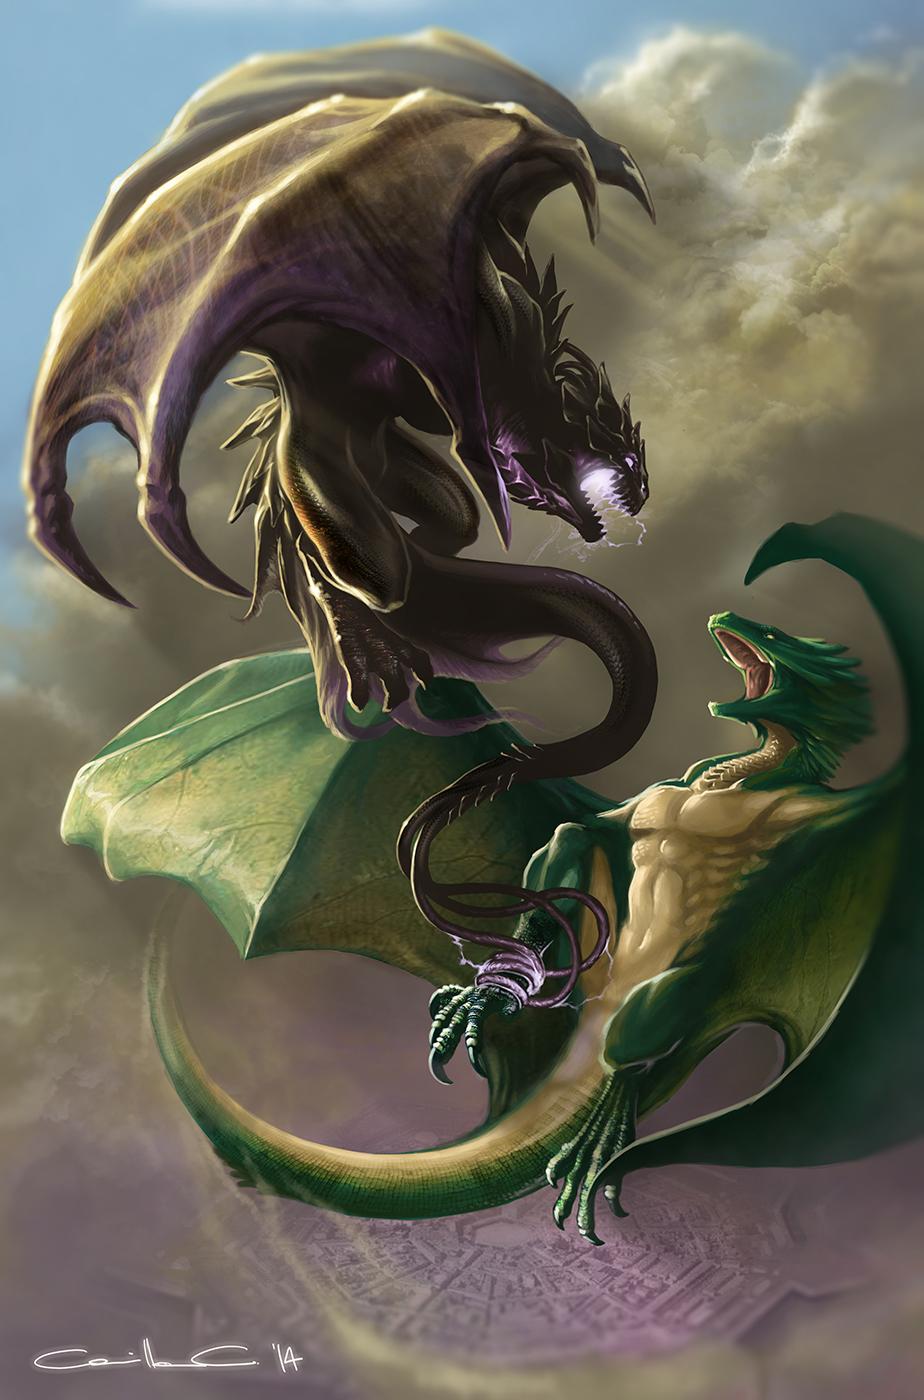 Illustrazione digitale, artwork, per libri e giochi di ruolo, progettazione personaggi fantastici - Dragon sky battle